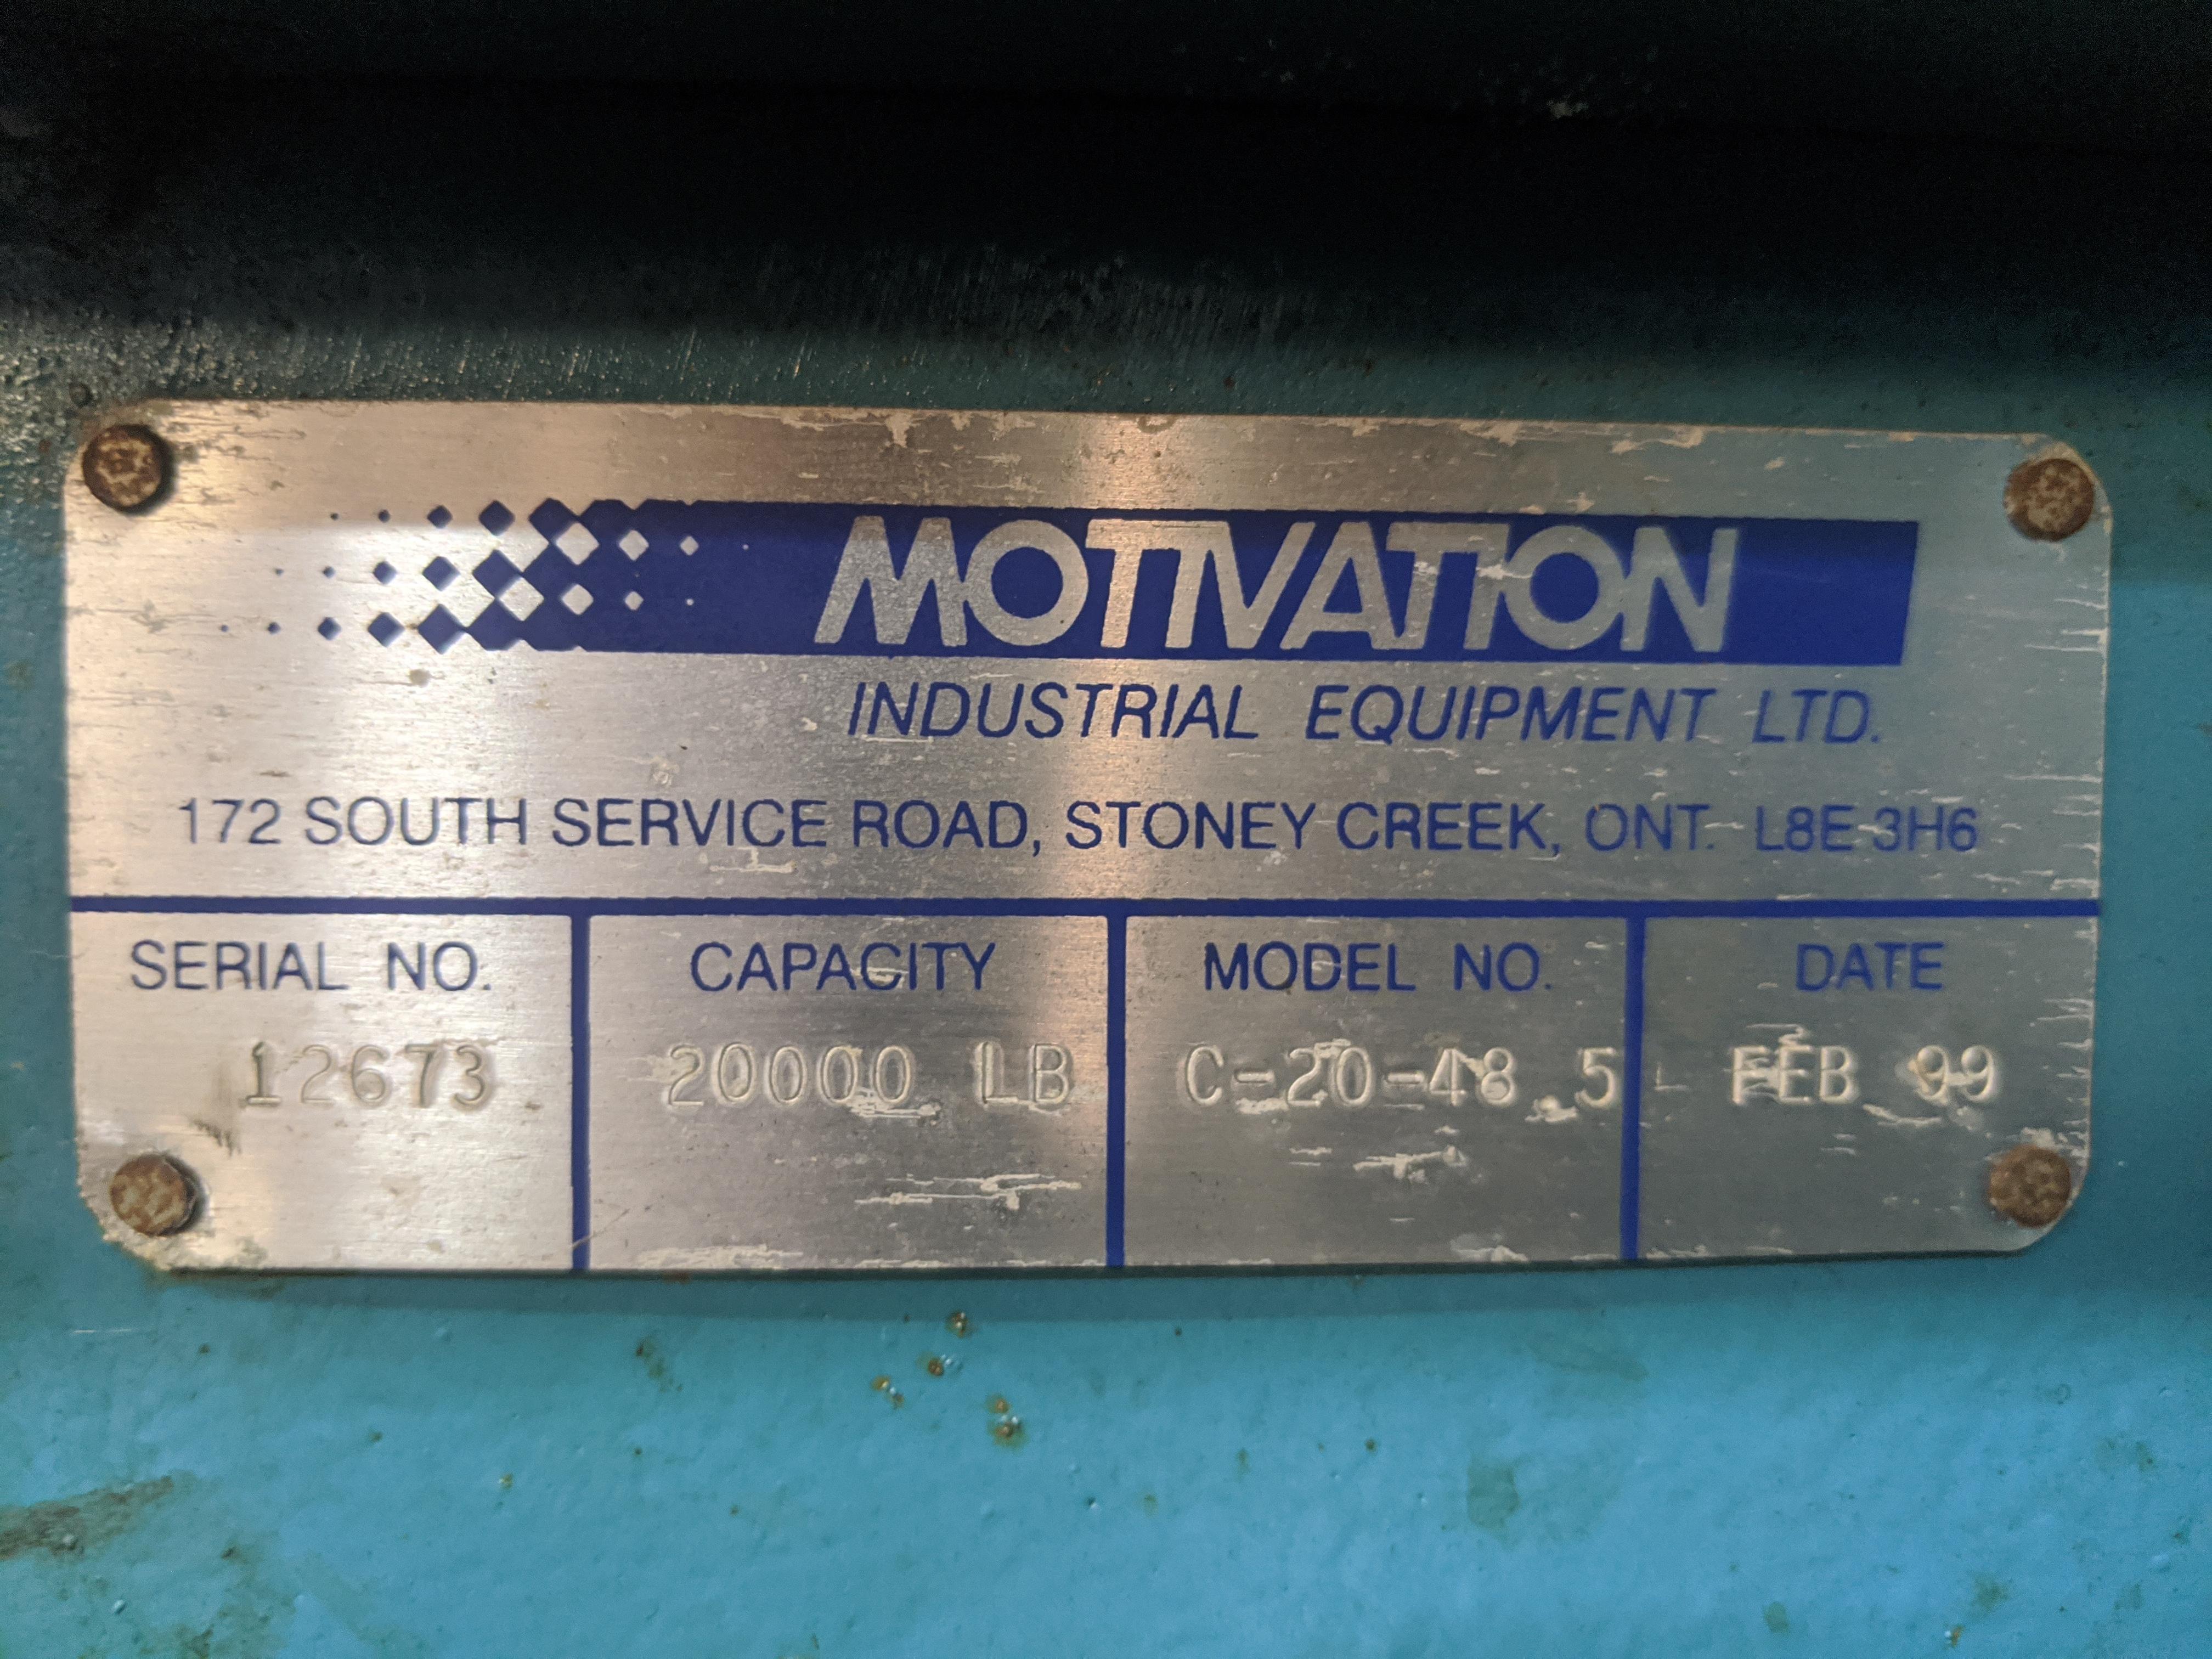 Lot 45 - 1999 Motivation Model C-20-48.5 Coil Hook